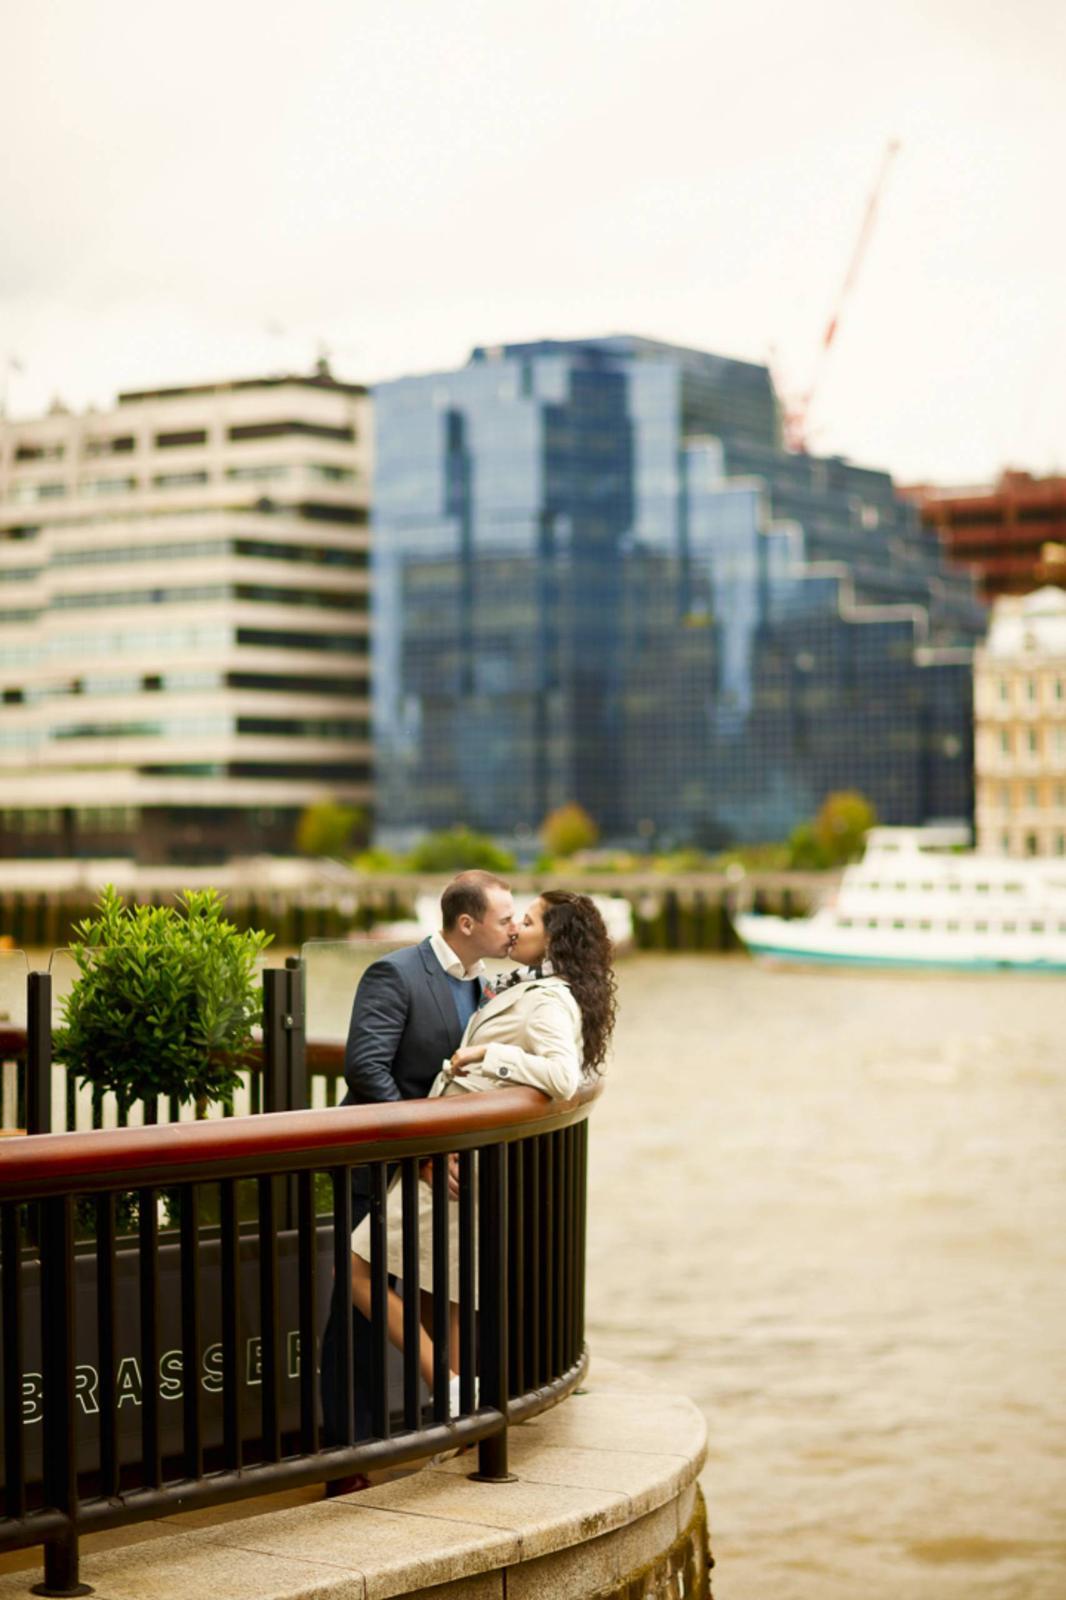 I 💜 London- nase mladomanzelske rande 💜 - Obrázok č. 2